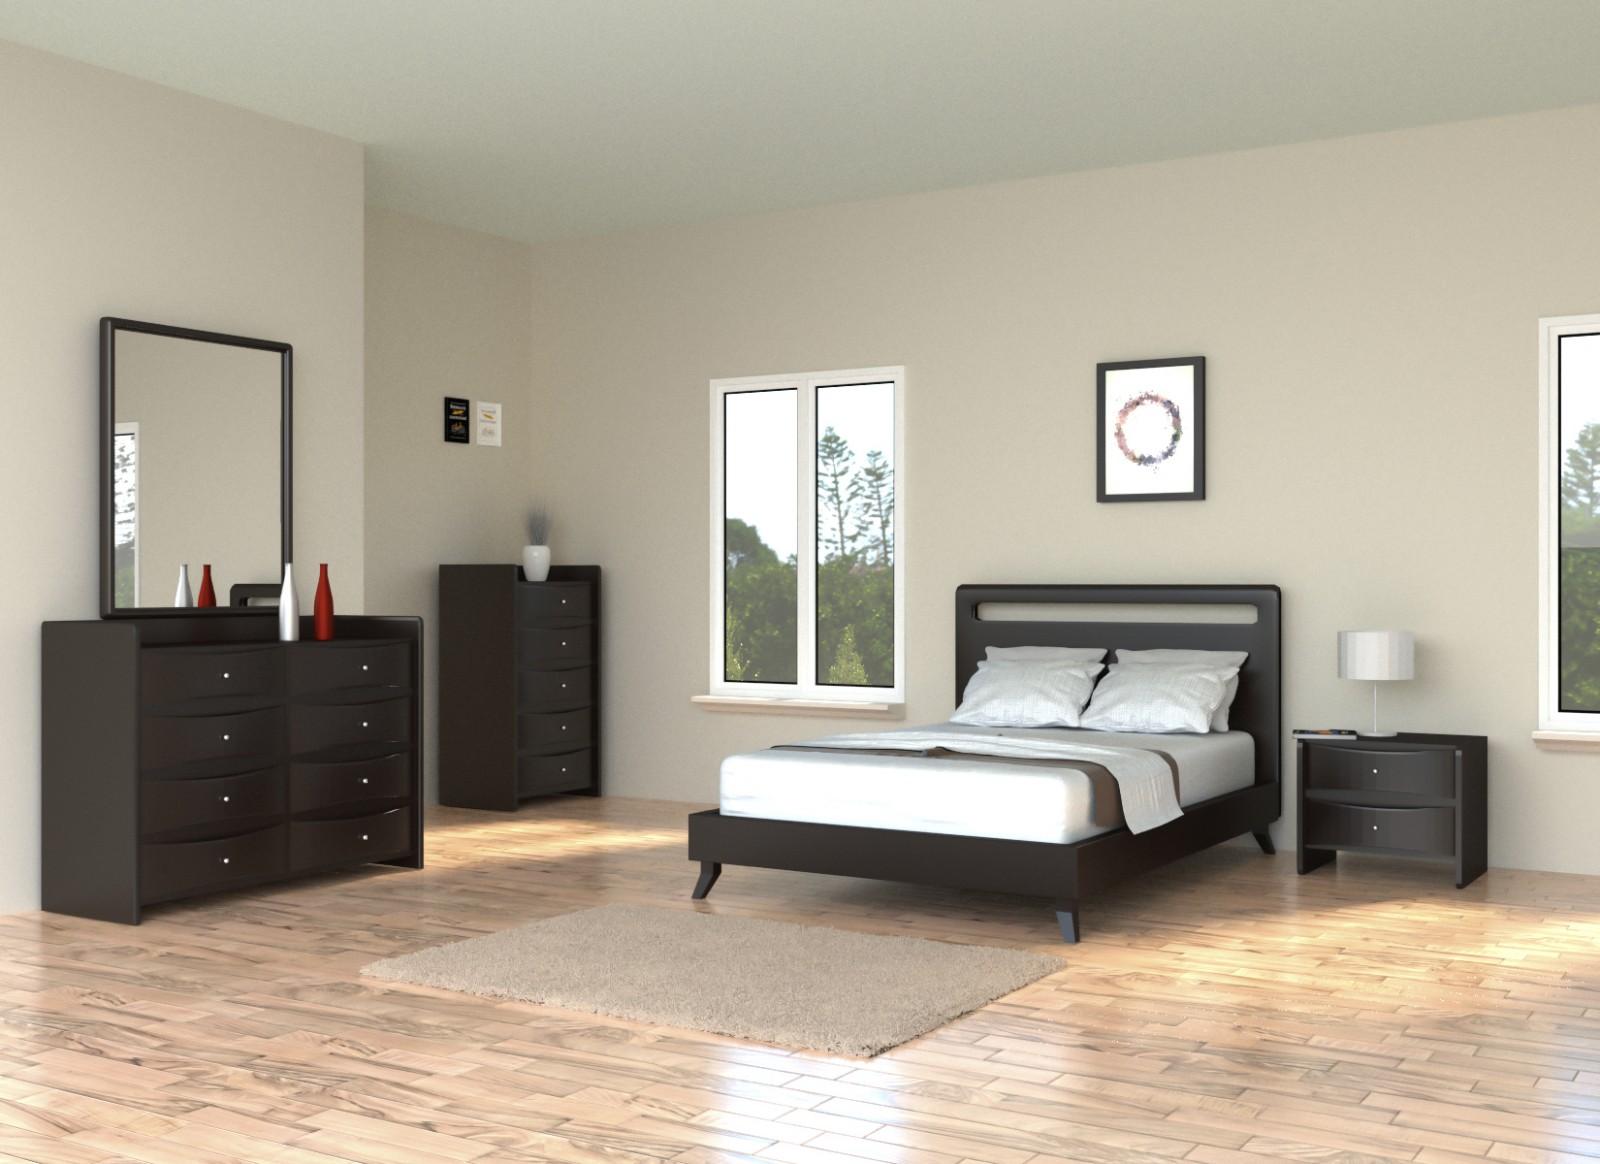 rent room your home scheme